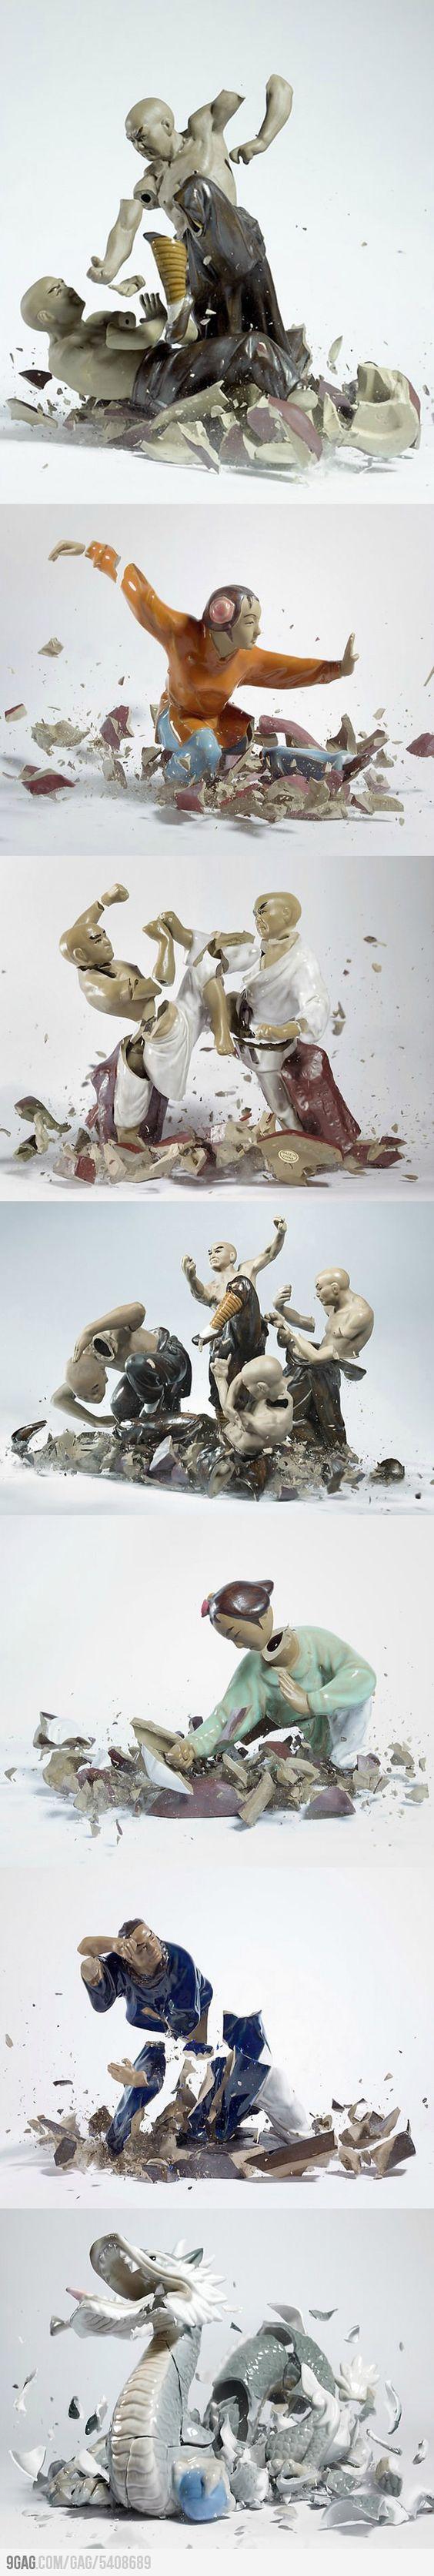 9GAG - Shattering Porcelain Fighting Figures